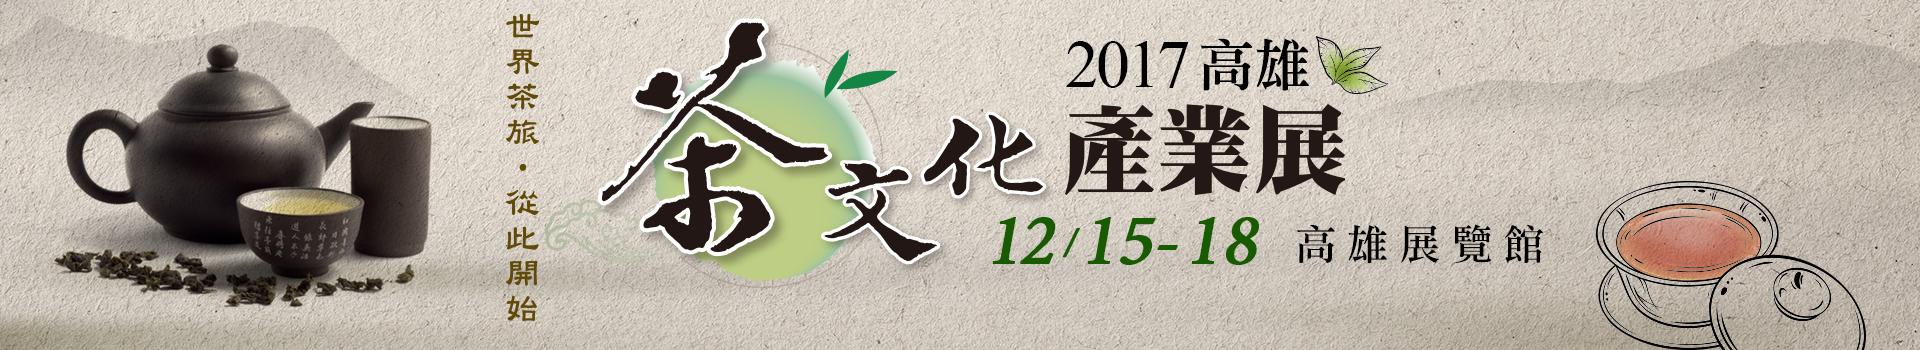 2017高雄茶文化產業展